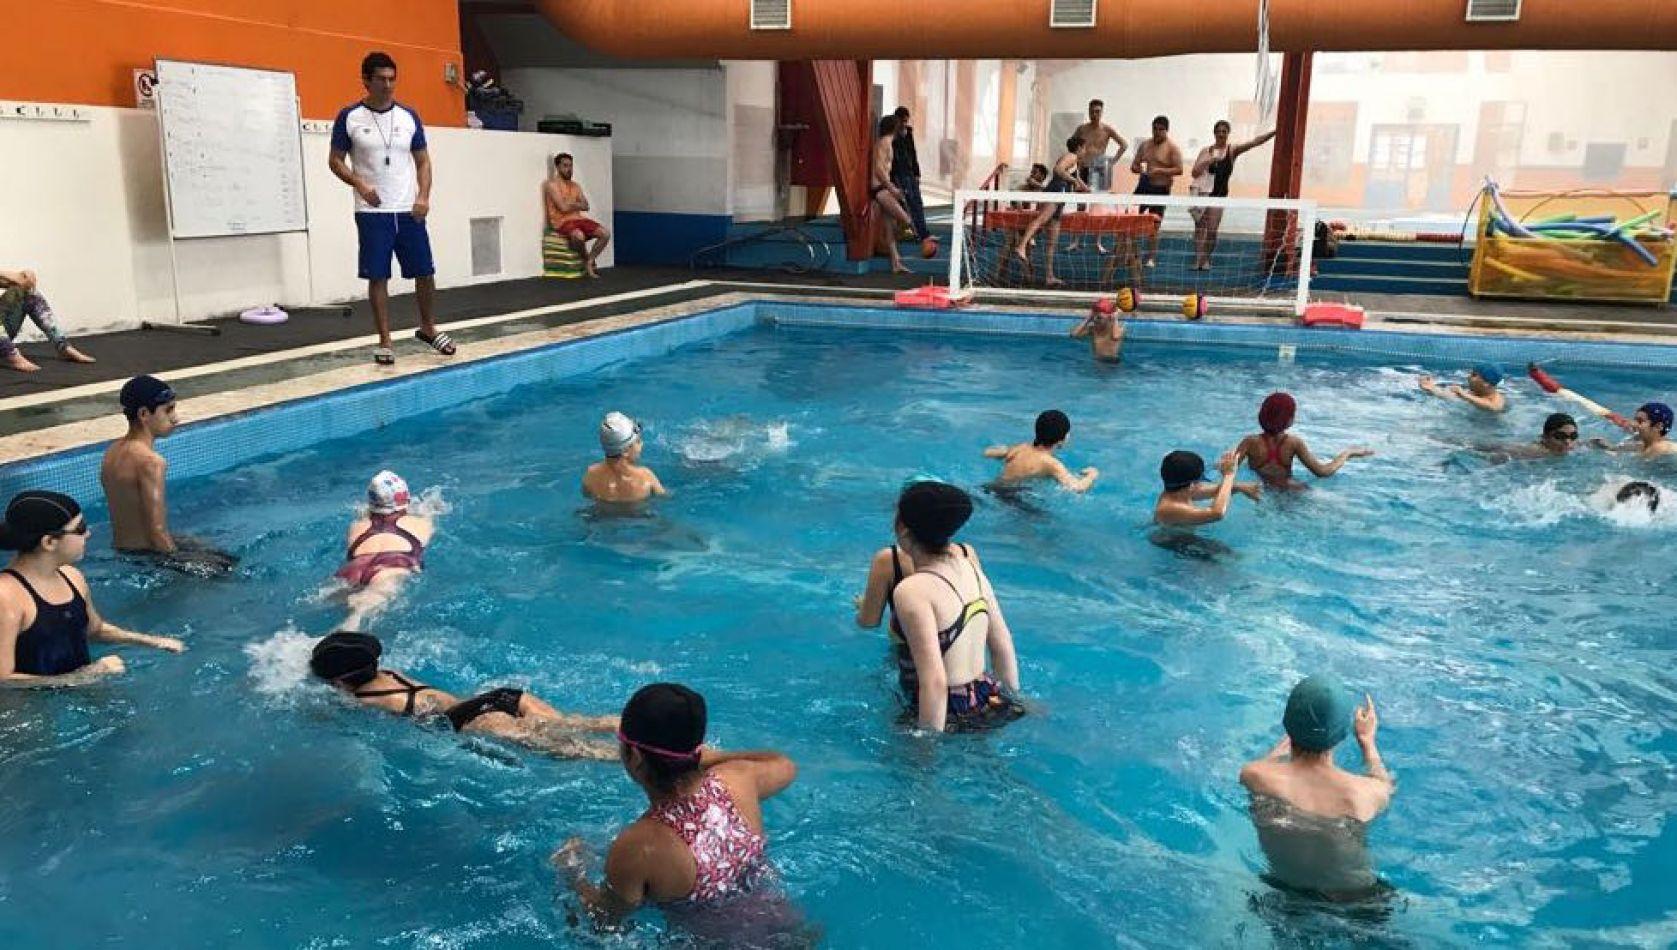 El equipo de Waterpolo de Río Grande participará de la Copa Néstor Monzón